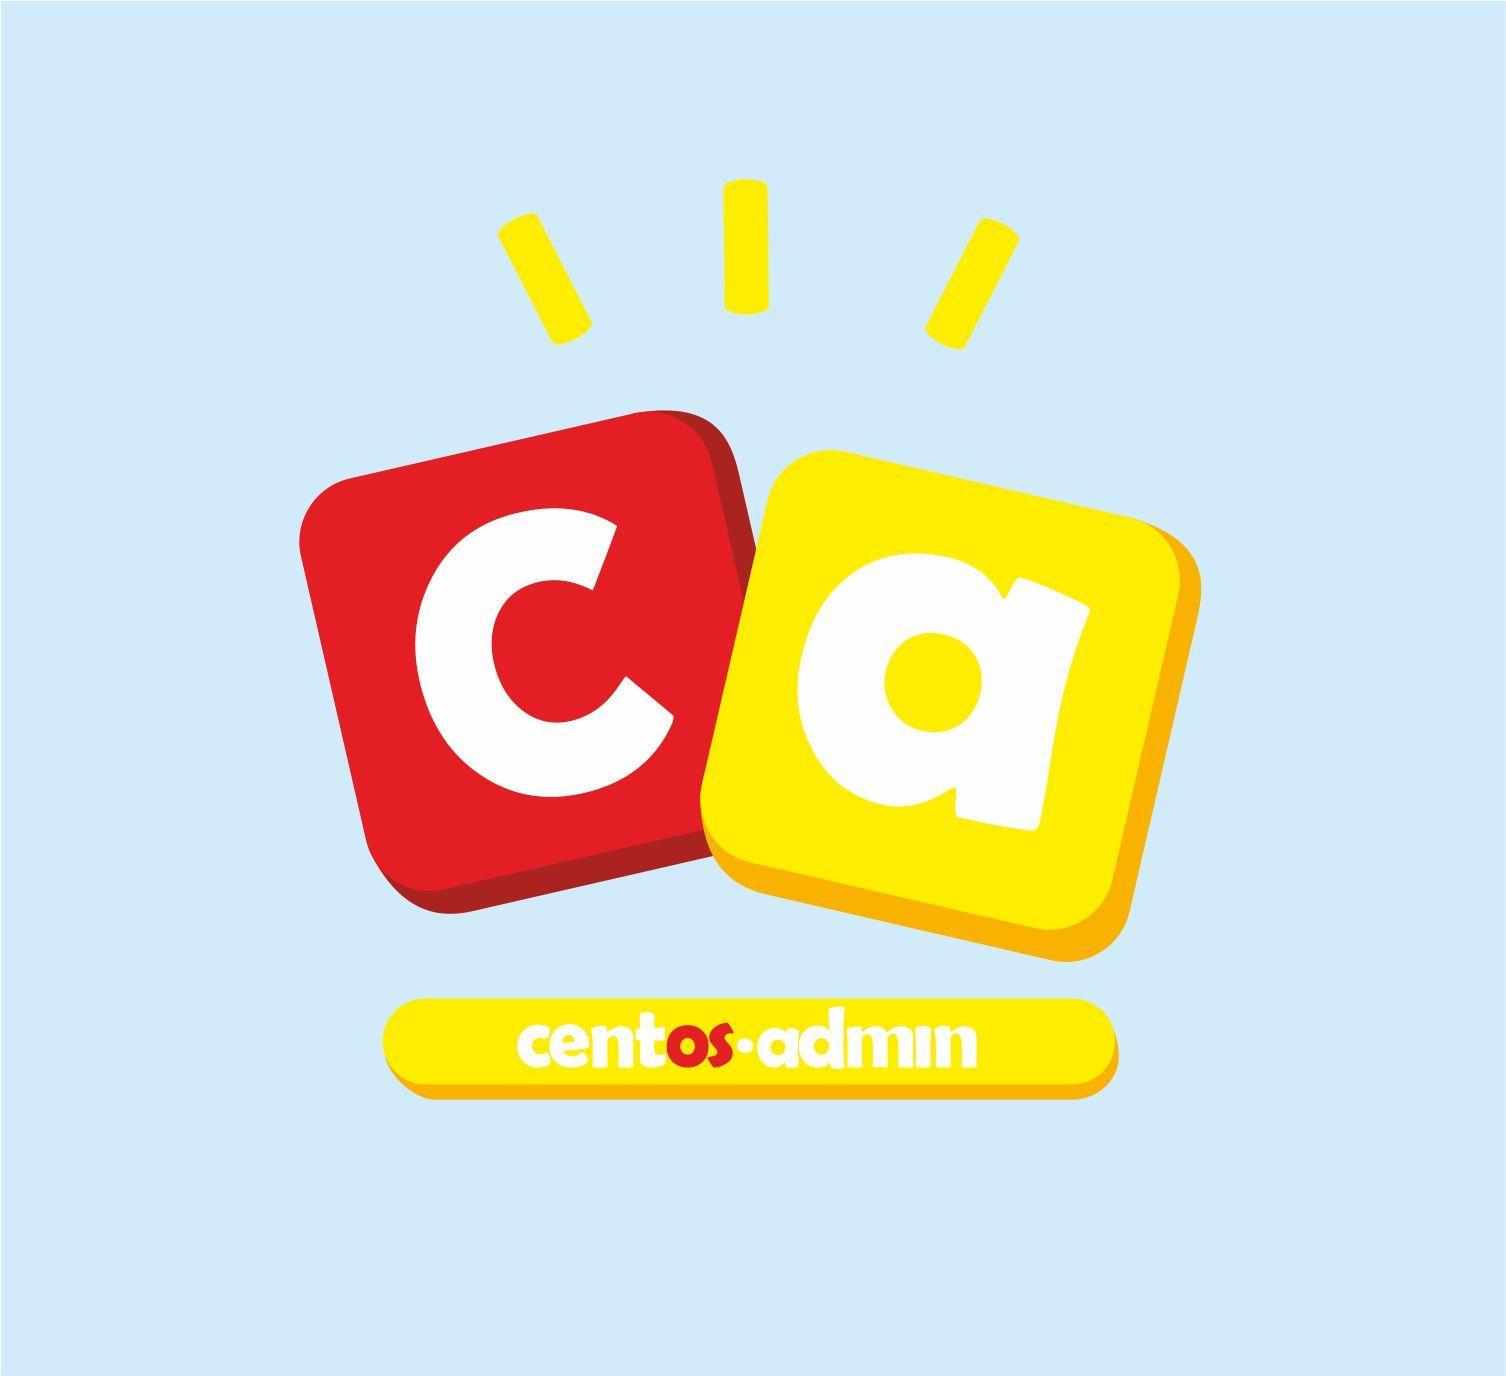 Логотип для компании Centos-admin.ru - дизайнер janezol